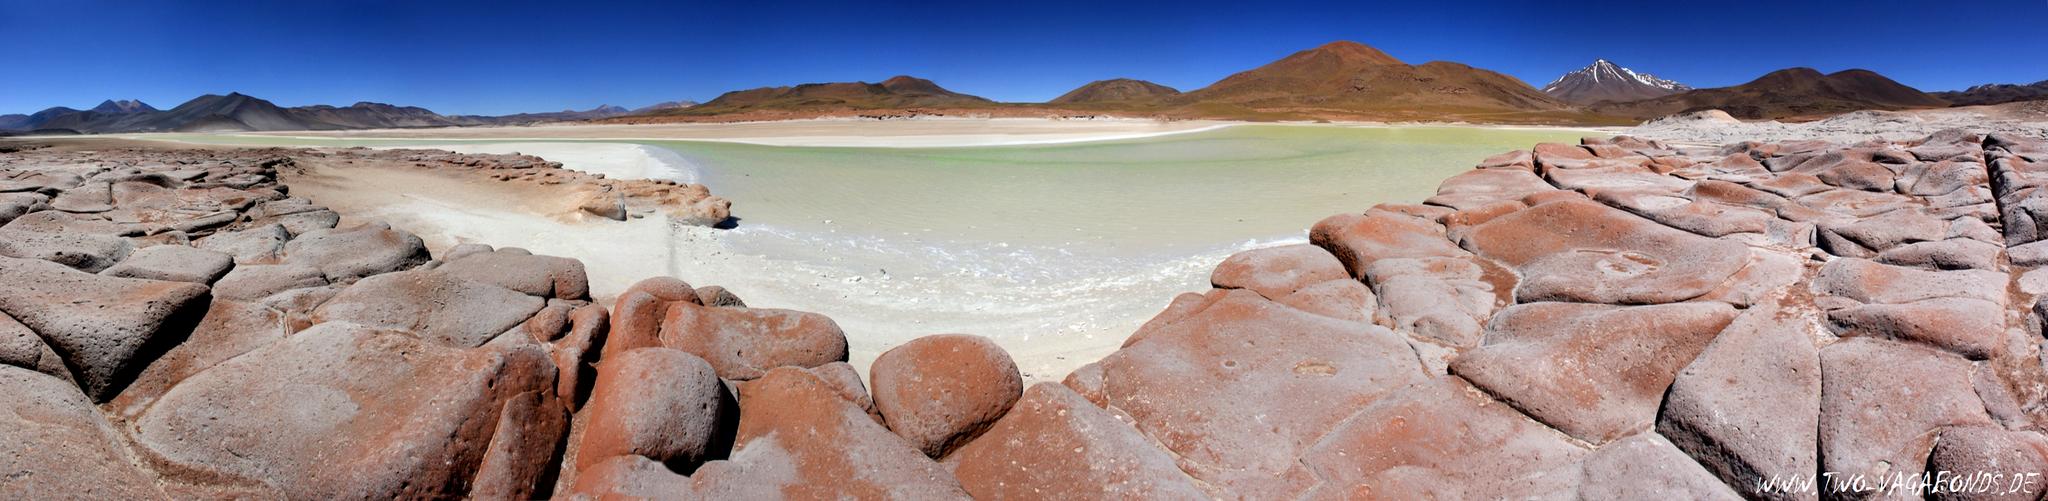 CHILE 2015 - ATACAMA / PIEDRAS ROJAS